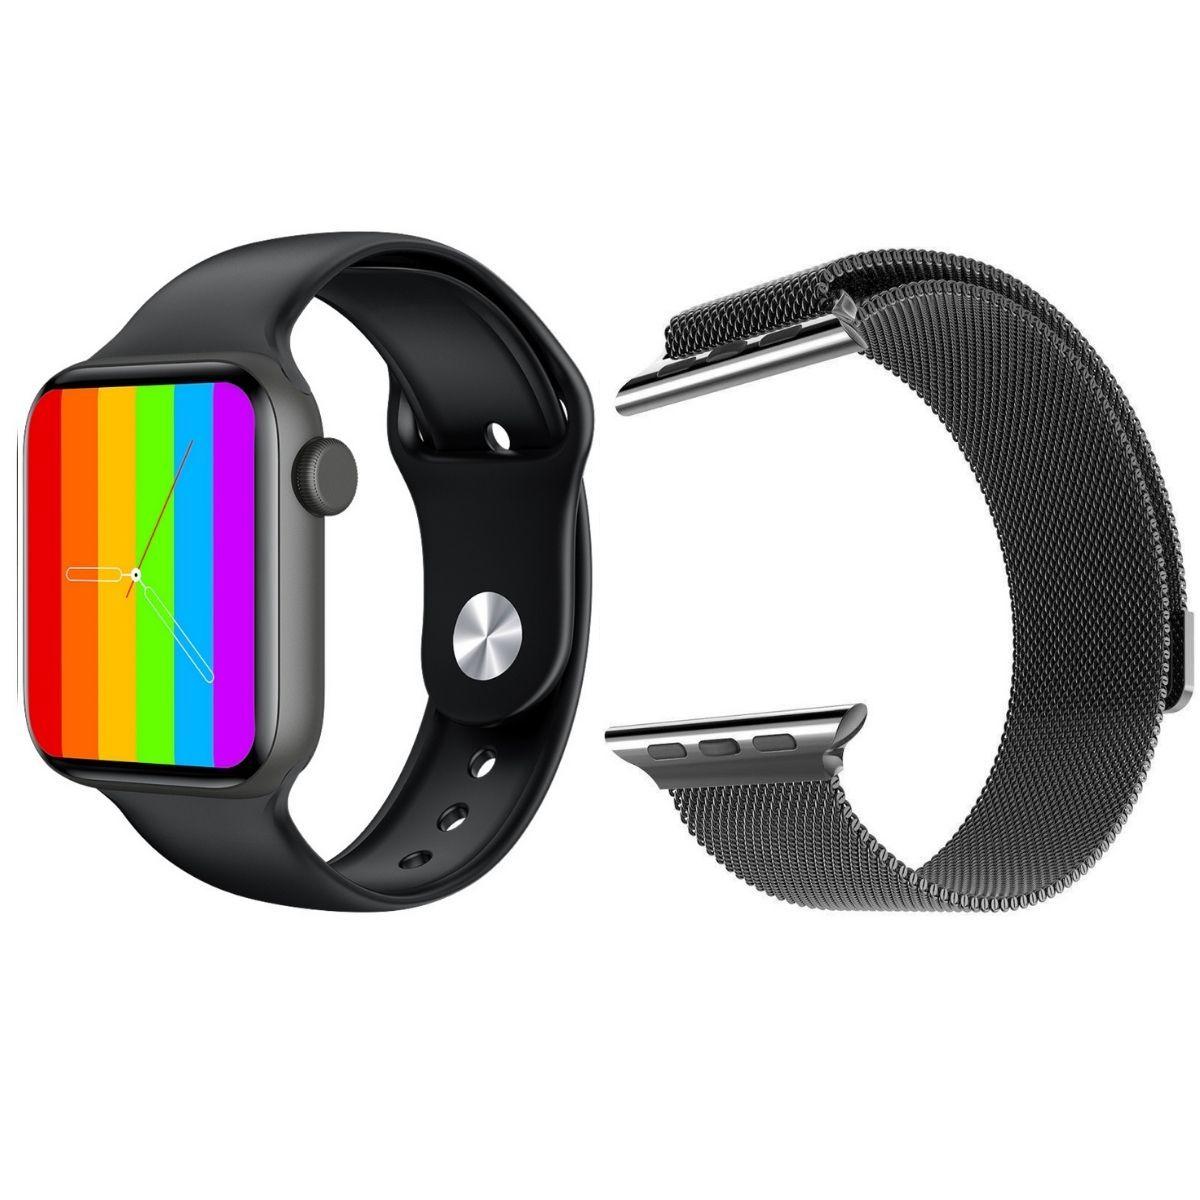 Смарт часы и браслеты Смарт часы KingWear LW12 (черные) с Миланским браслетом LW12_Milanese_Loop__2_.jpg